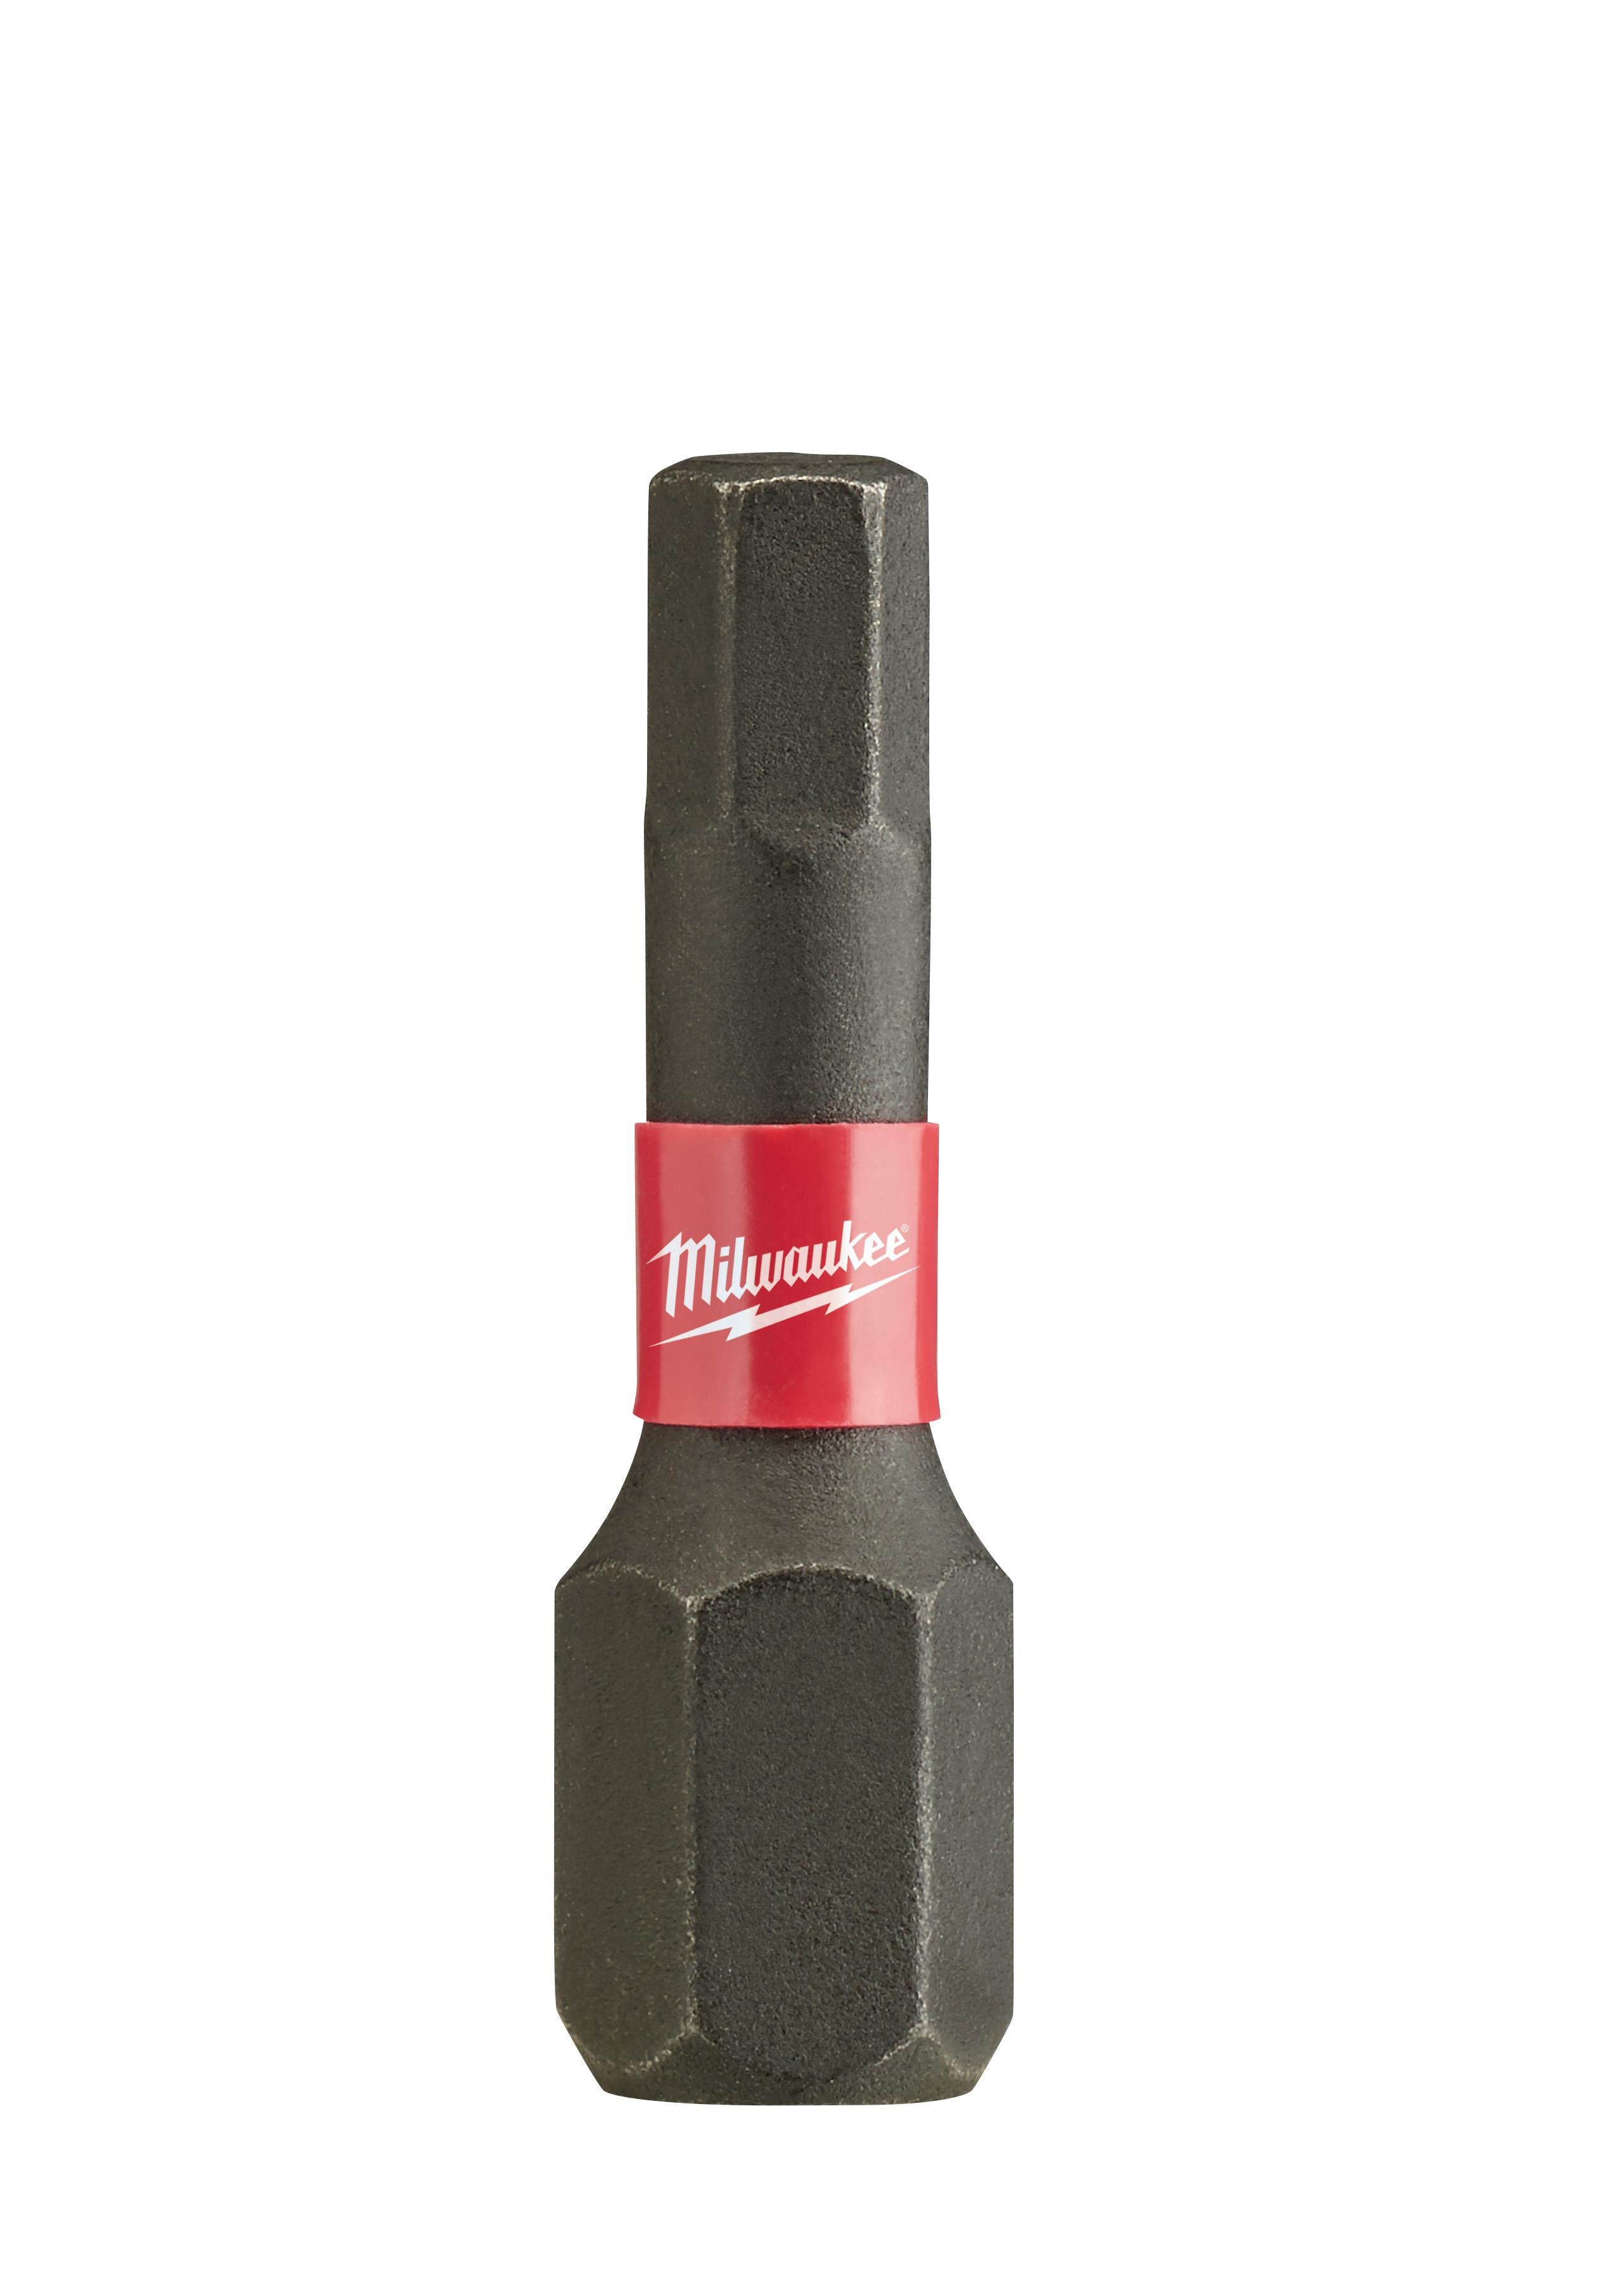 Milwaukee® SHOCKWAVE™ 48-32-4706 Impact Insert Bit, 5/32 in Hex Point, 1 in OAL, Custom Alloy76™ Steel